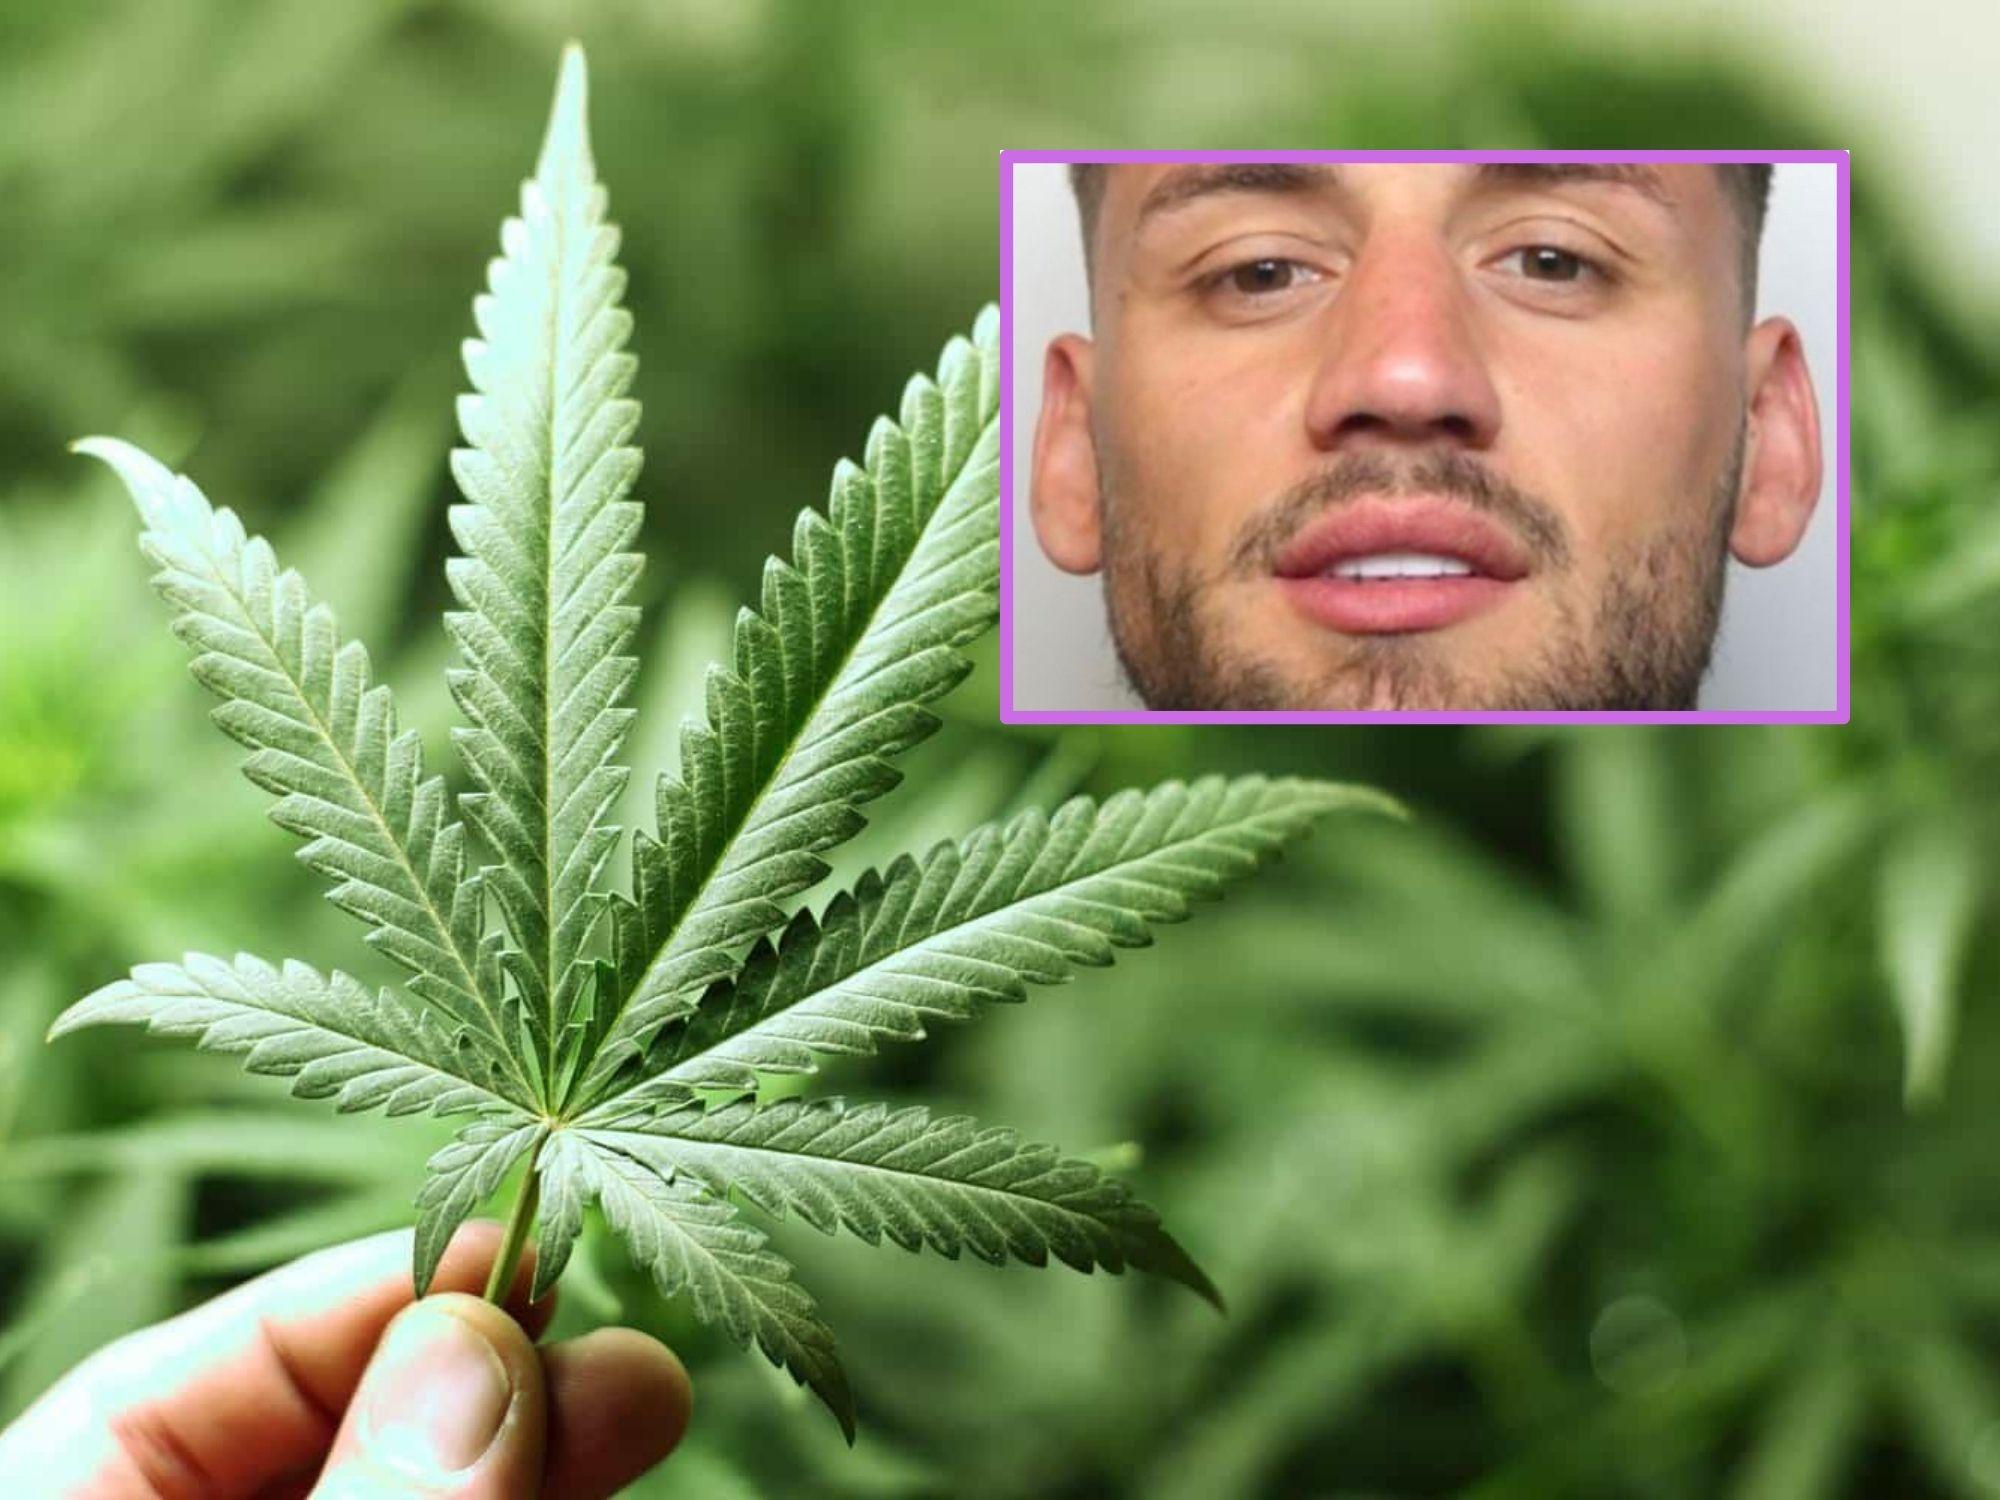 Kẻ buôn ma túy gây sốt MXH với vẻ ngoài vô cùng 'nóng bỏng' sau khi bị bắt vì cung cấp cần sa